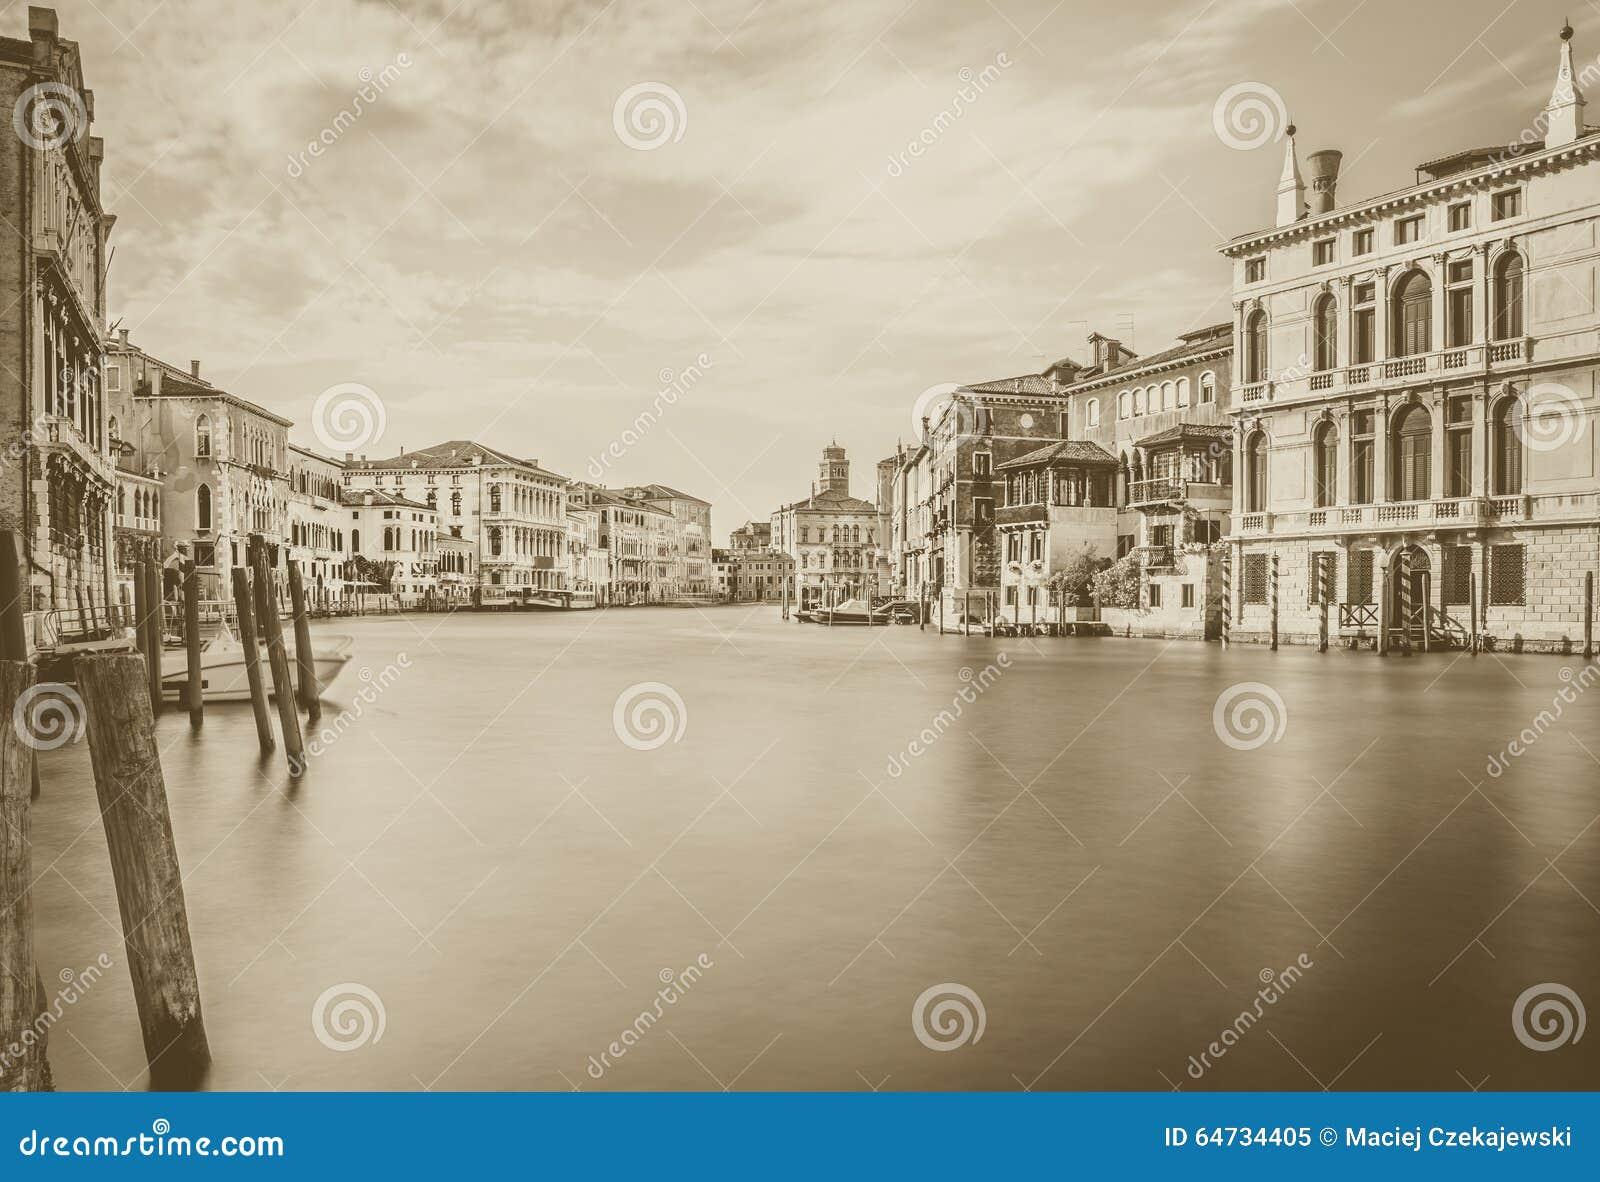 Grand Canal -Szene im b&w, Venedig